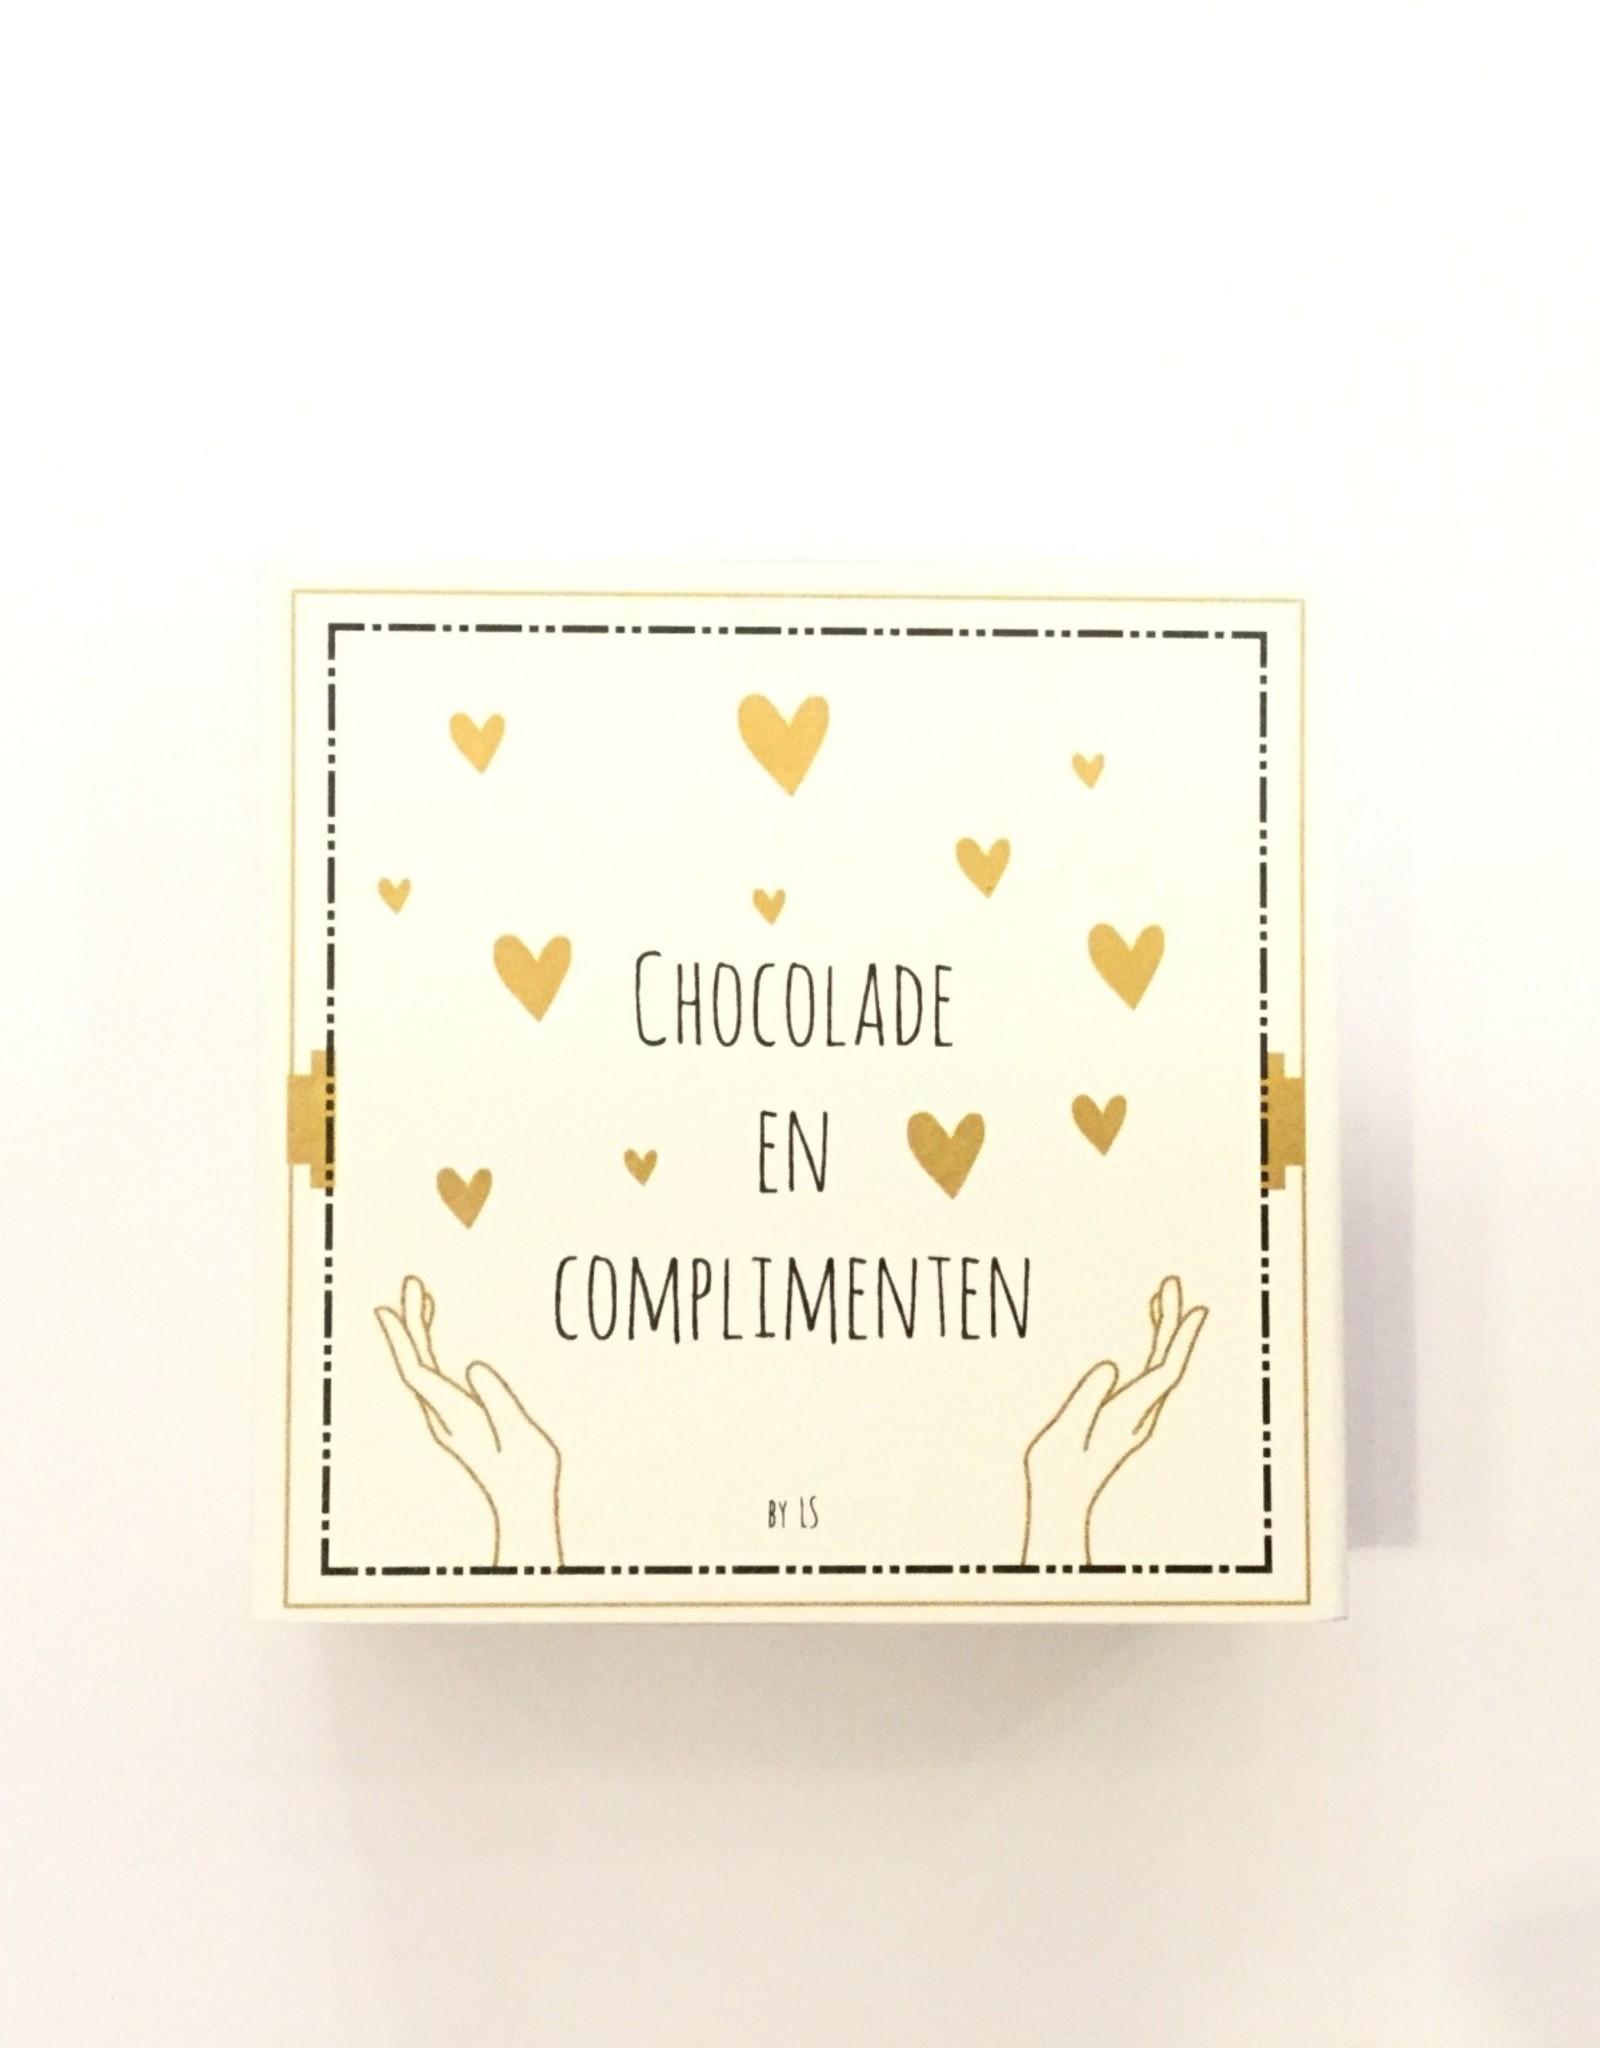 Chocolade en Complimenten